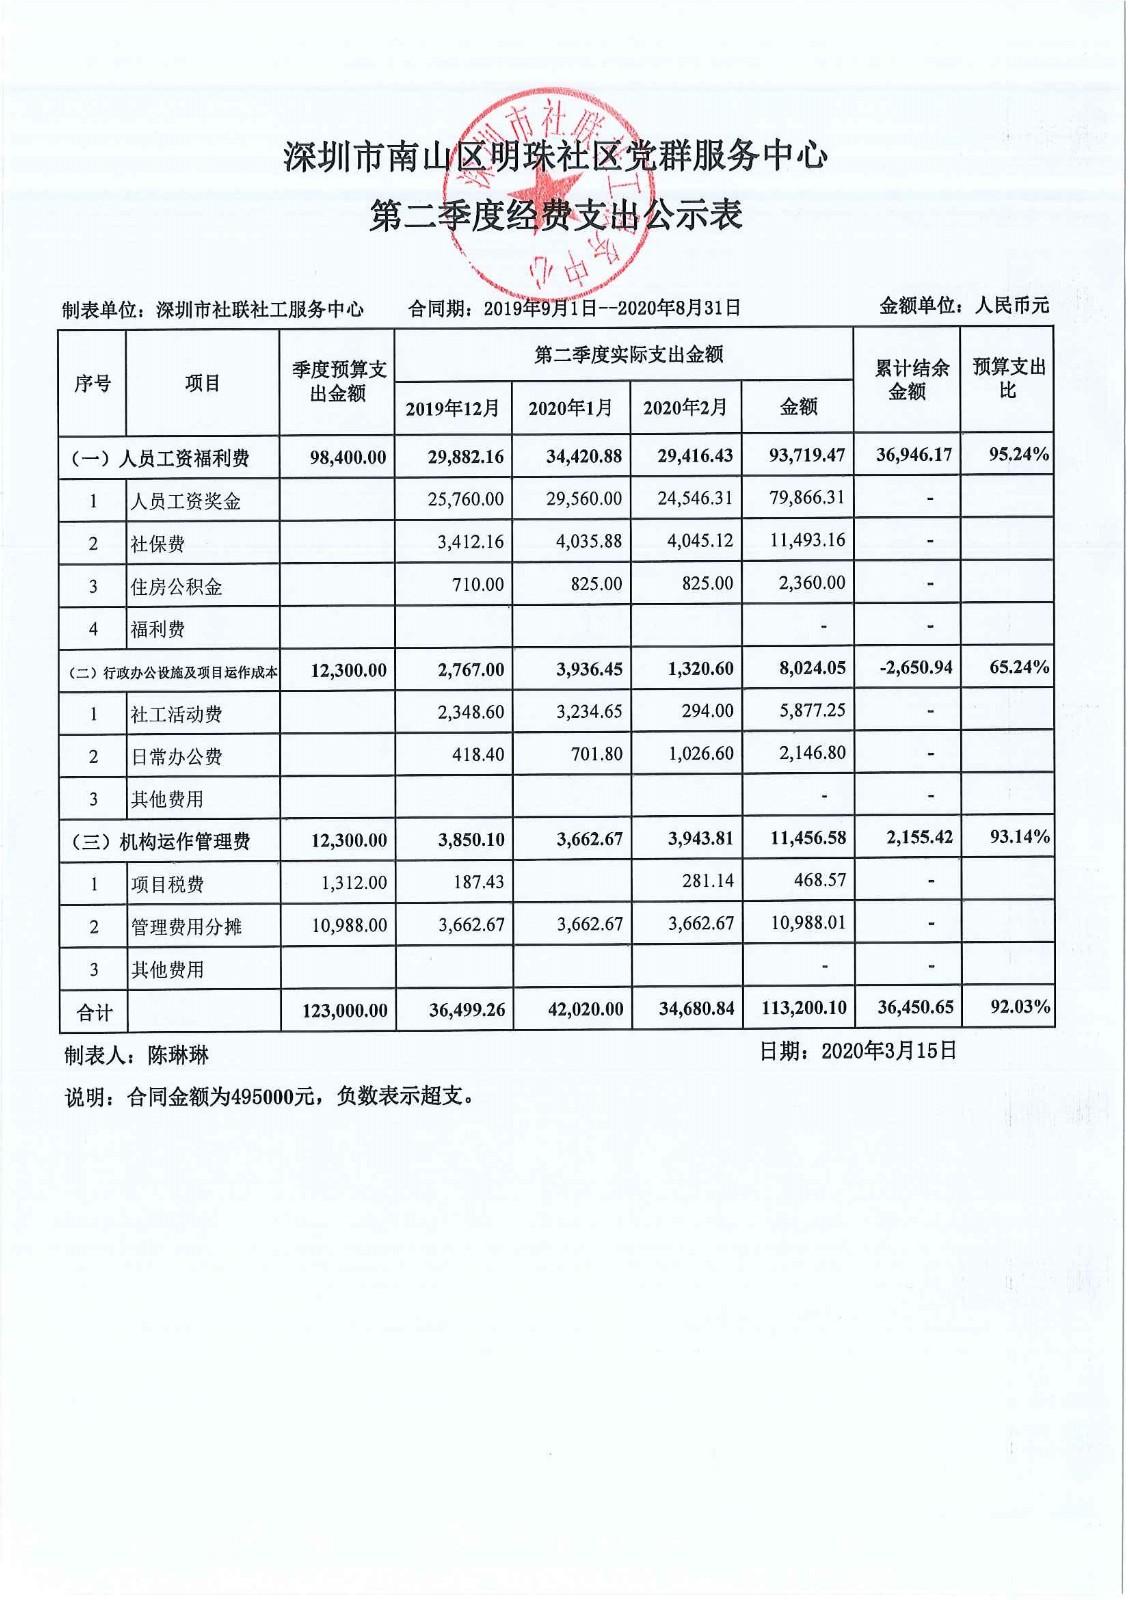 明珠社区第二季度经费支出公示表